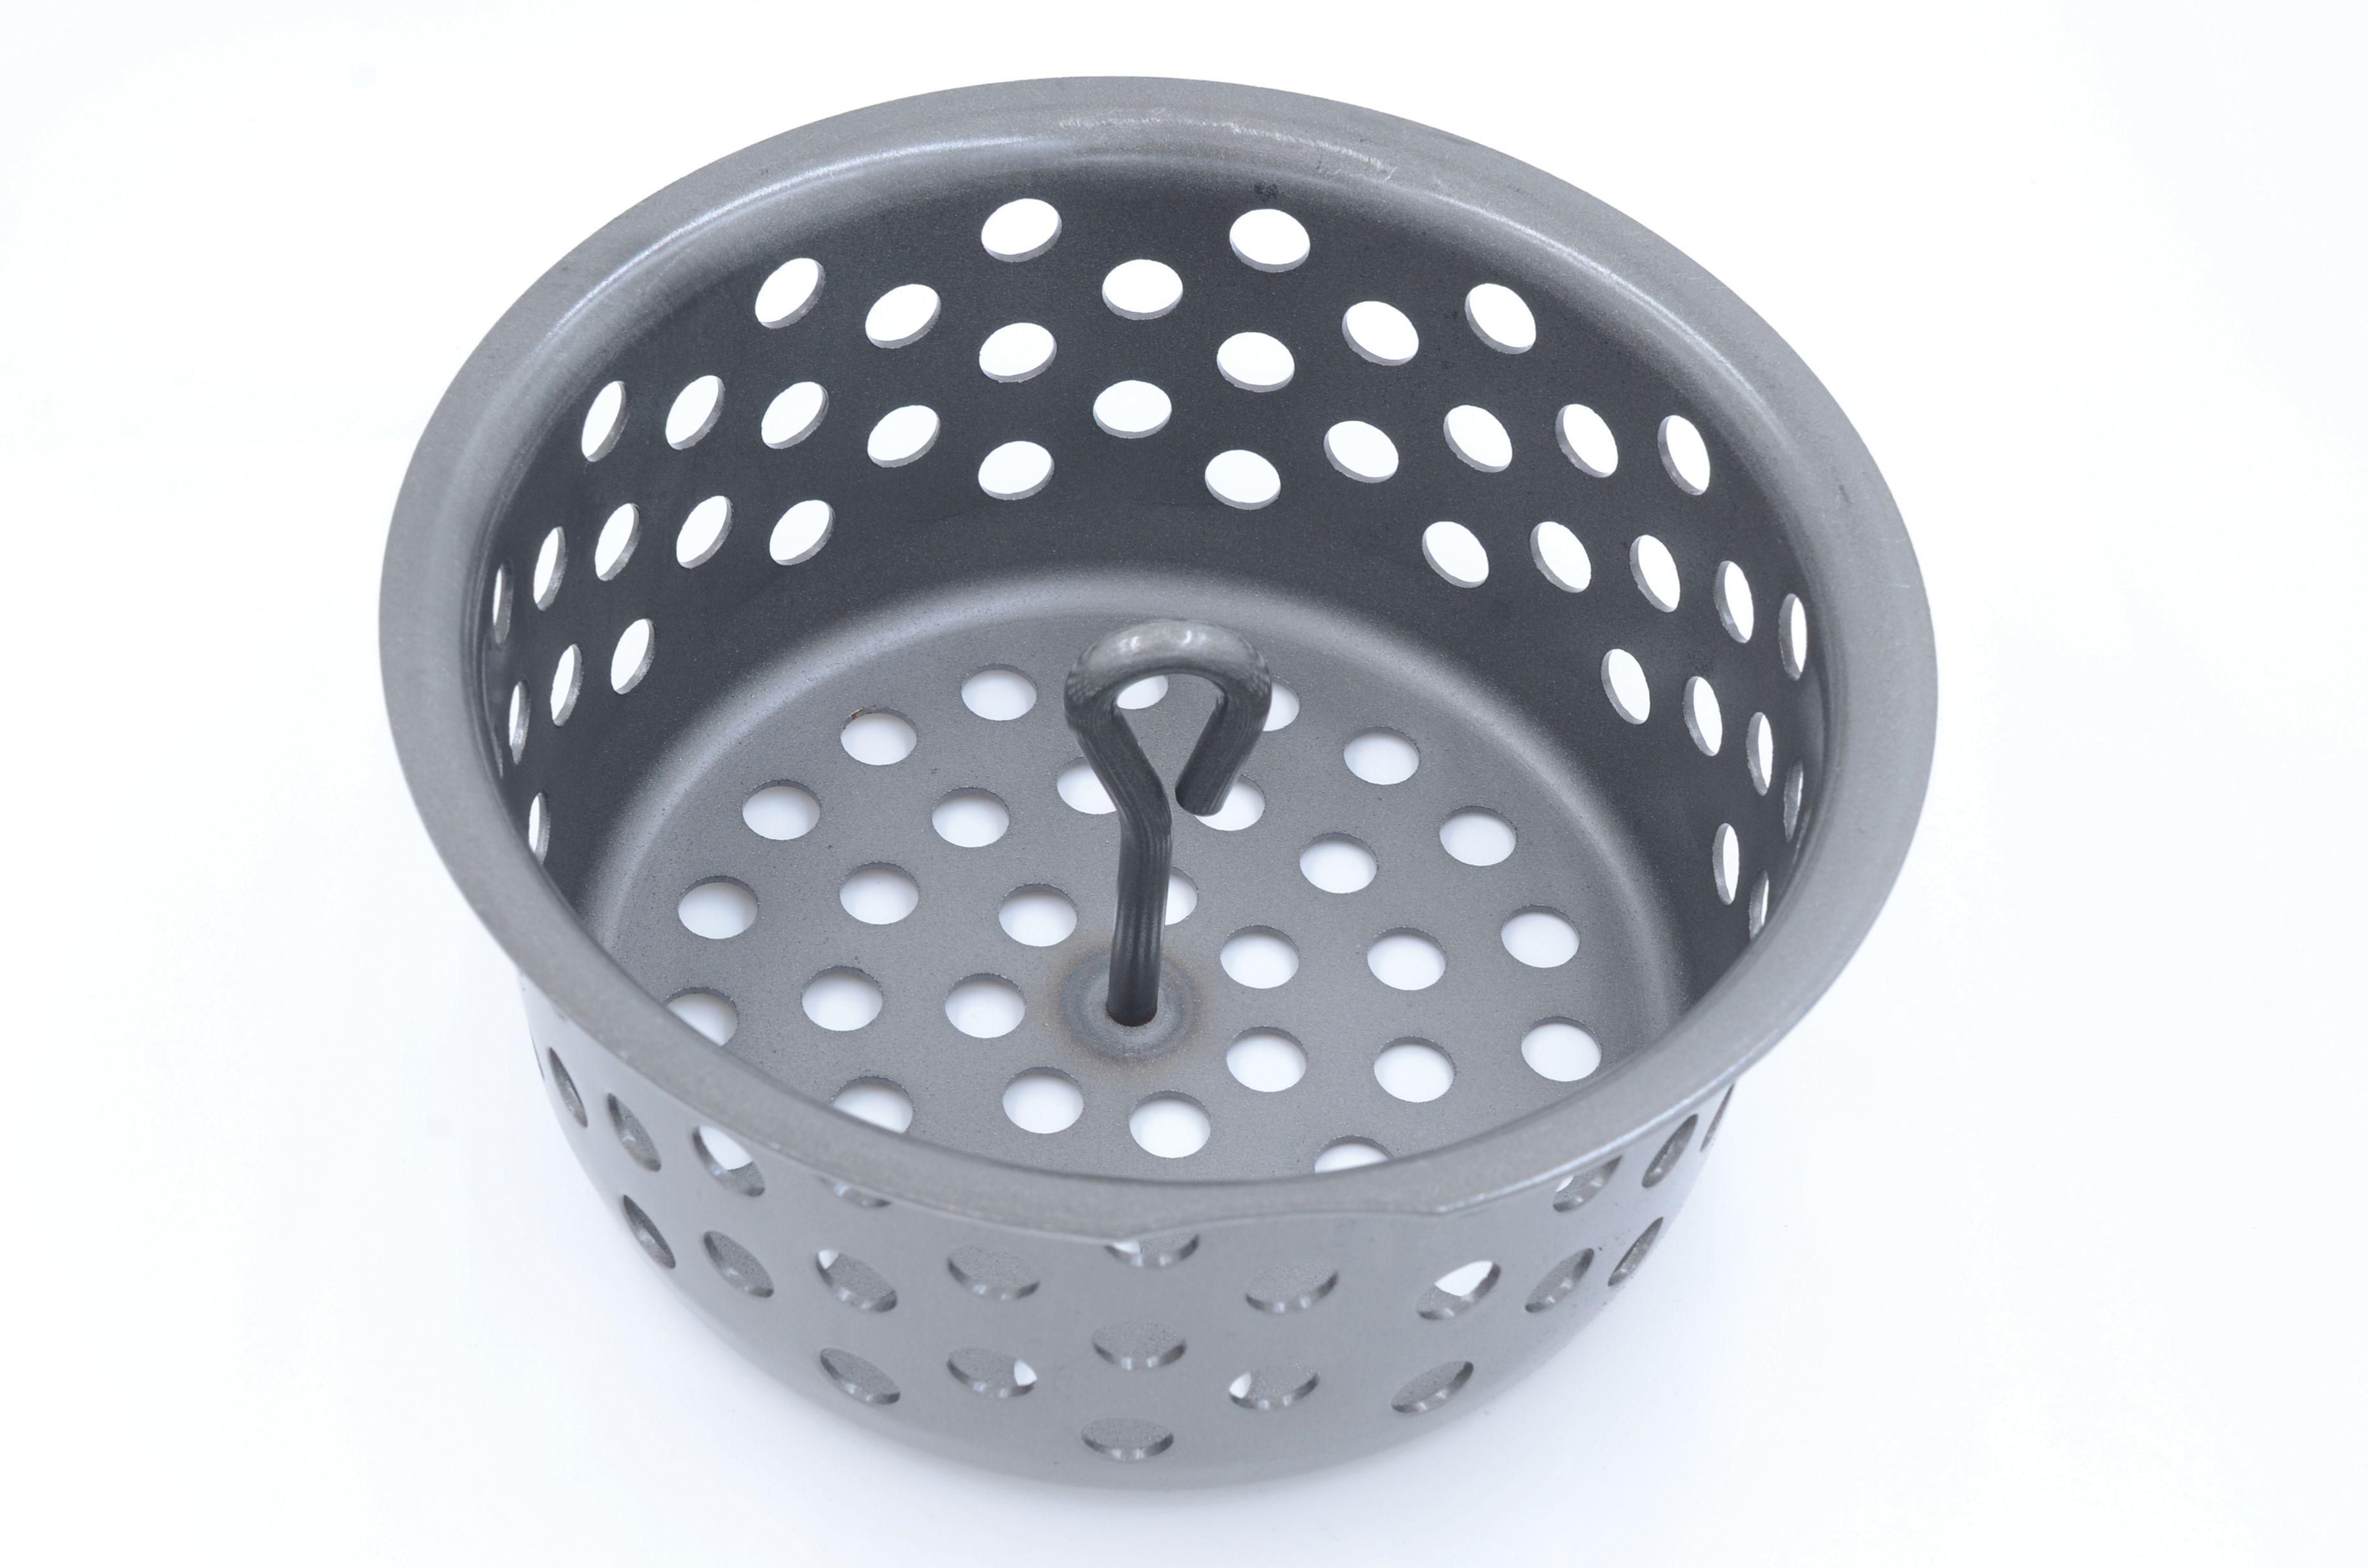 Ozpig Charcoal Basket